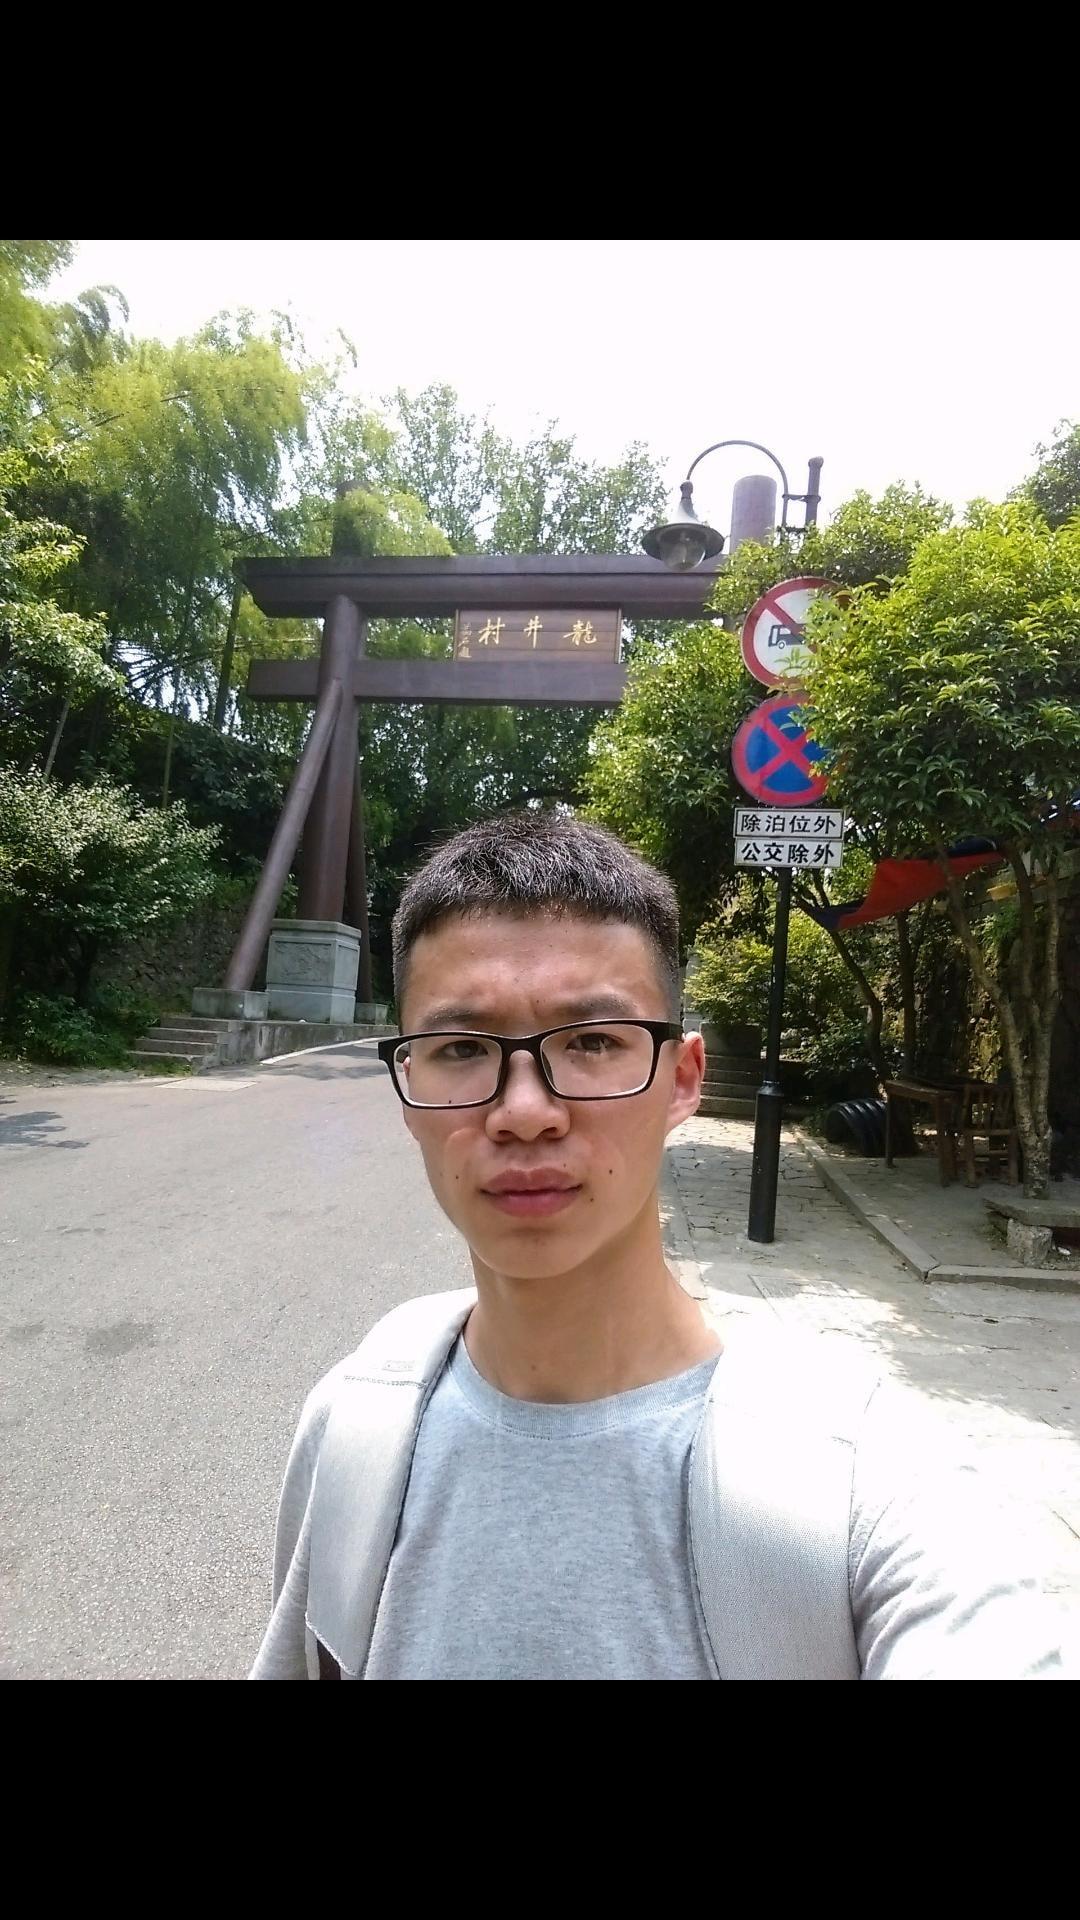 Go to yiyiwuliu's profile